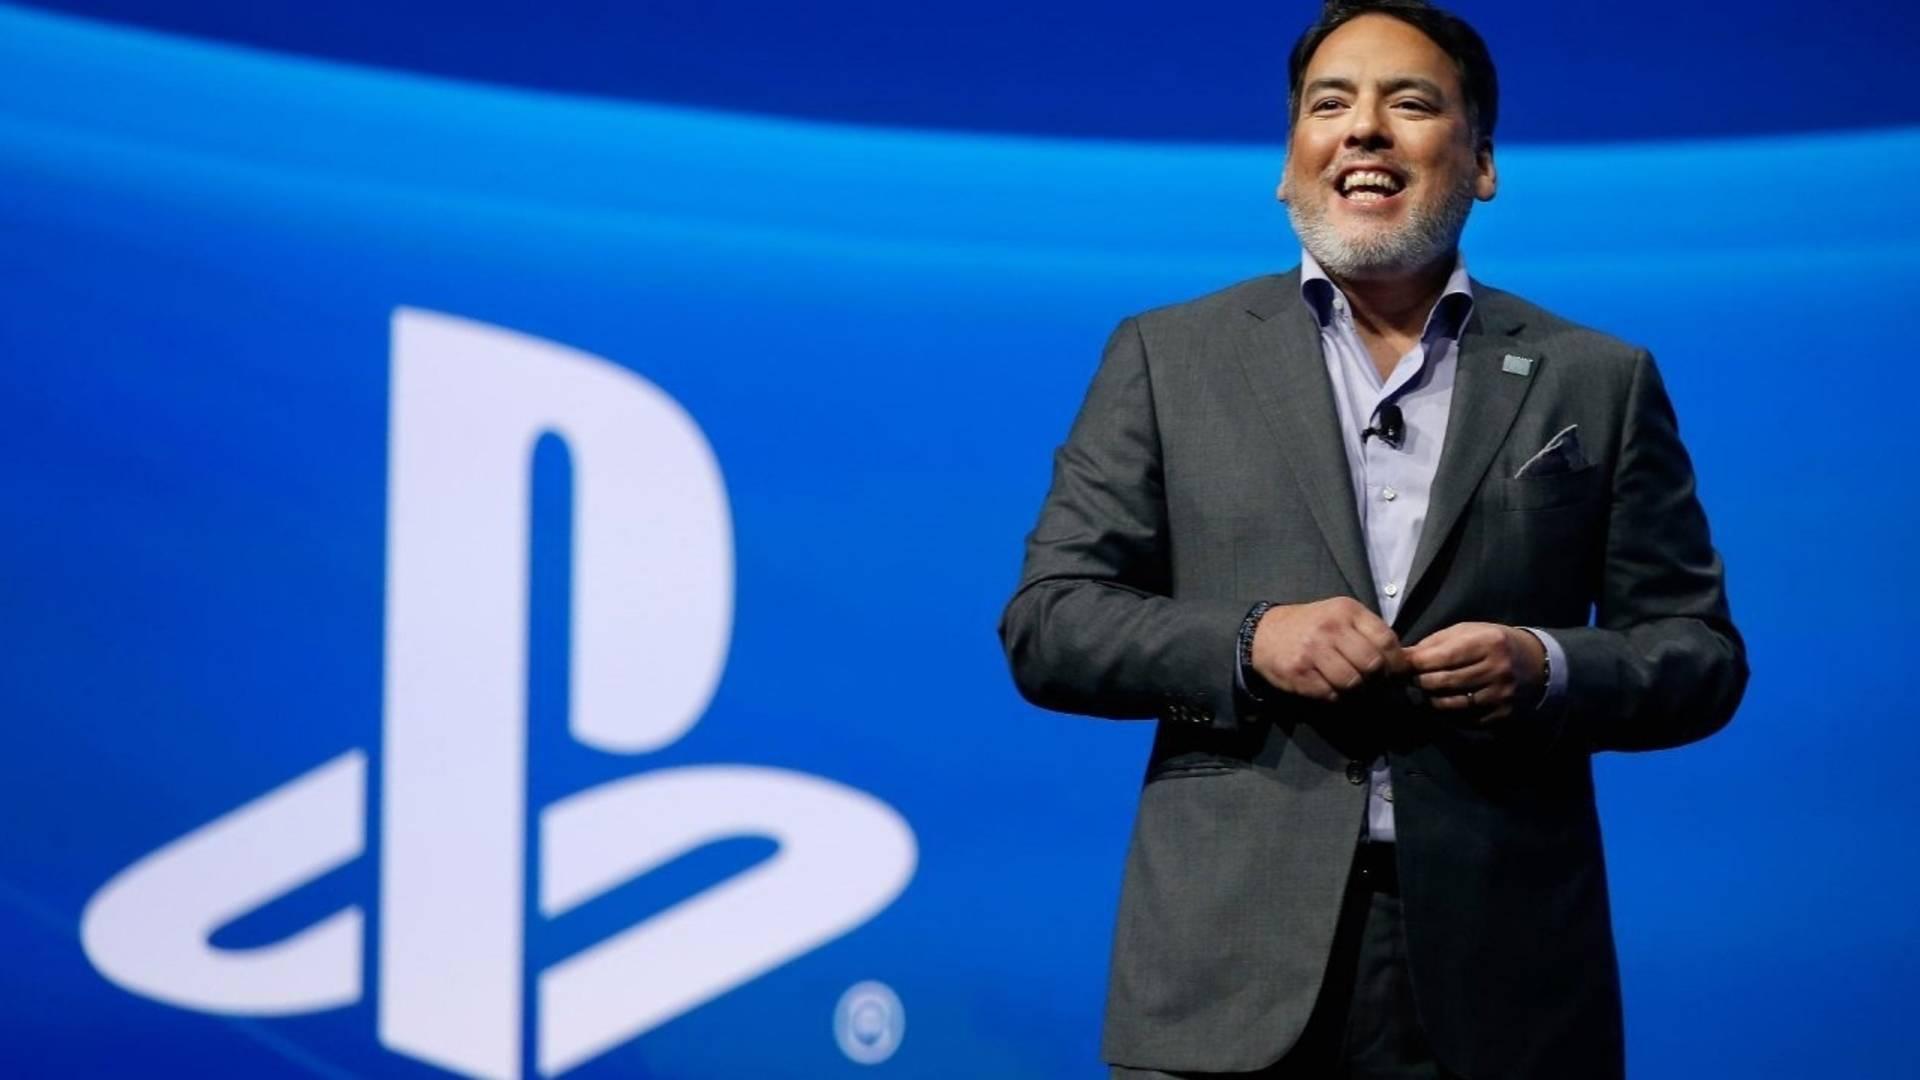 Shawn Layden Sony PlayStation